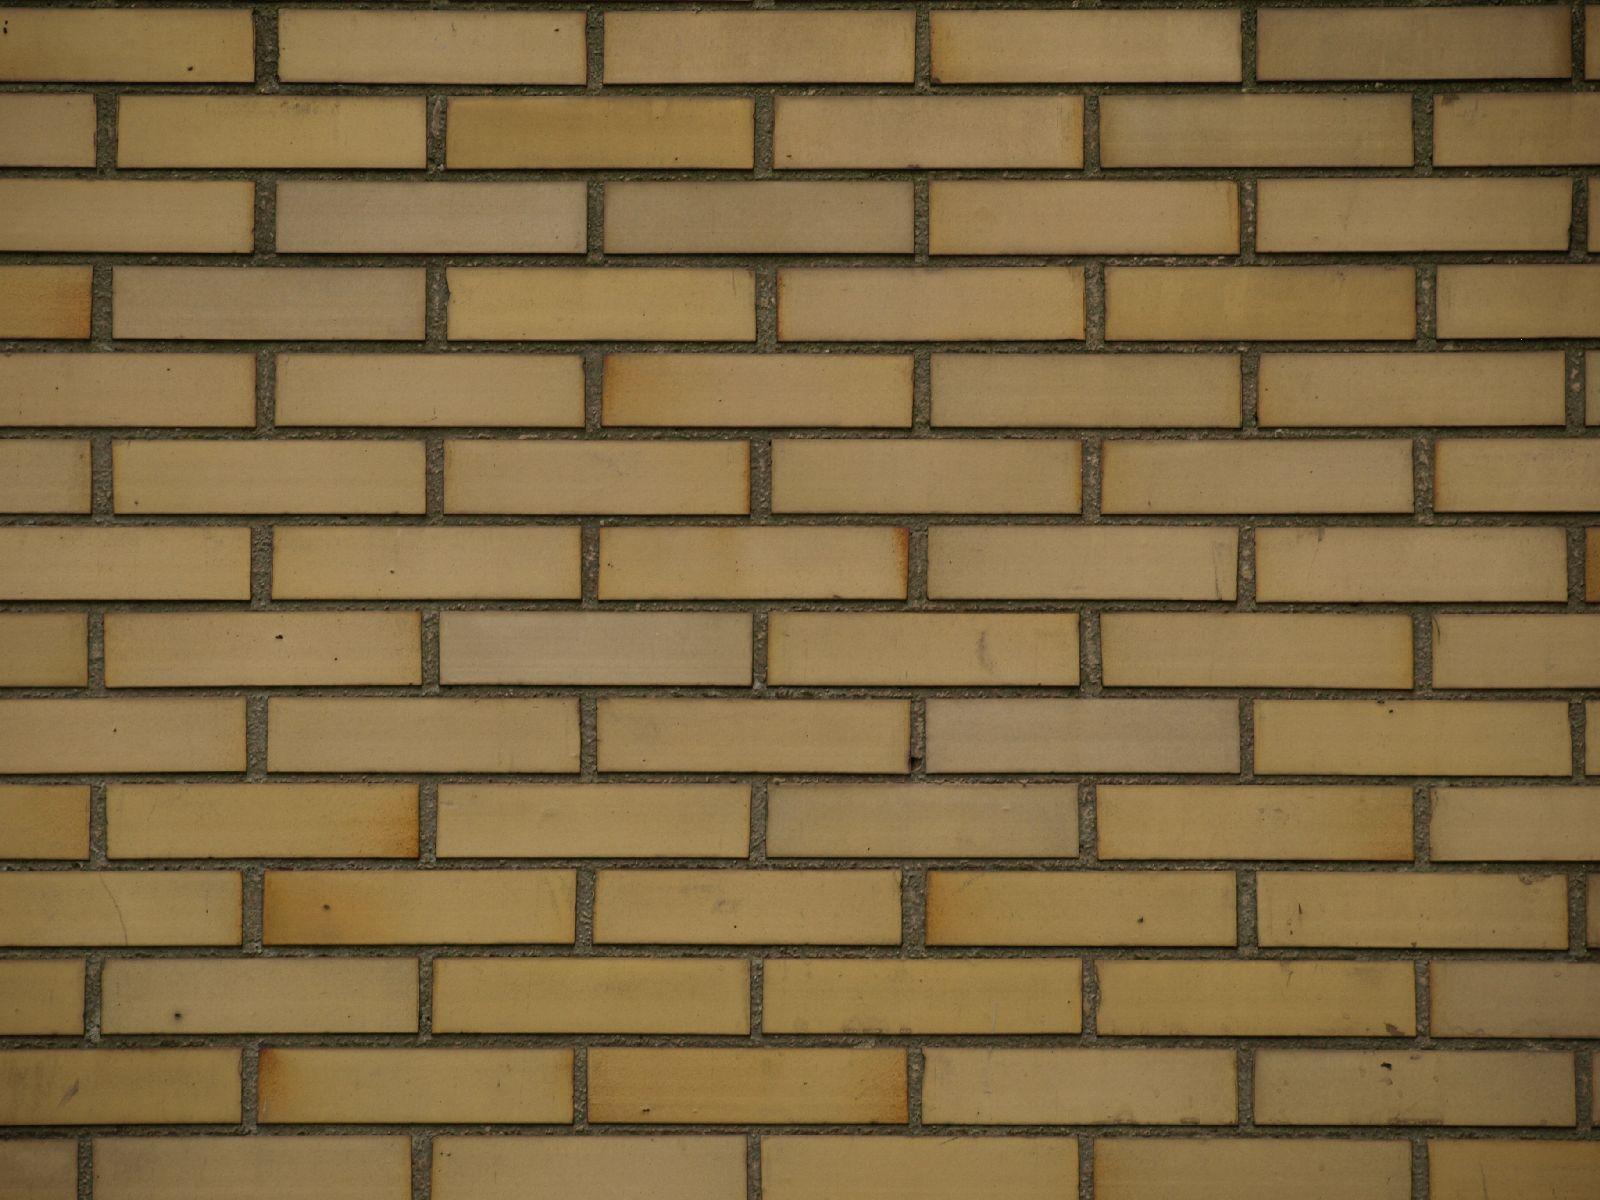 Wand-Mauerwerk-Backstein_Textur_A_PA270739